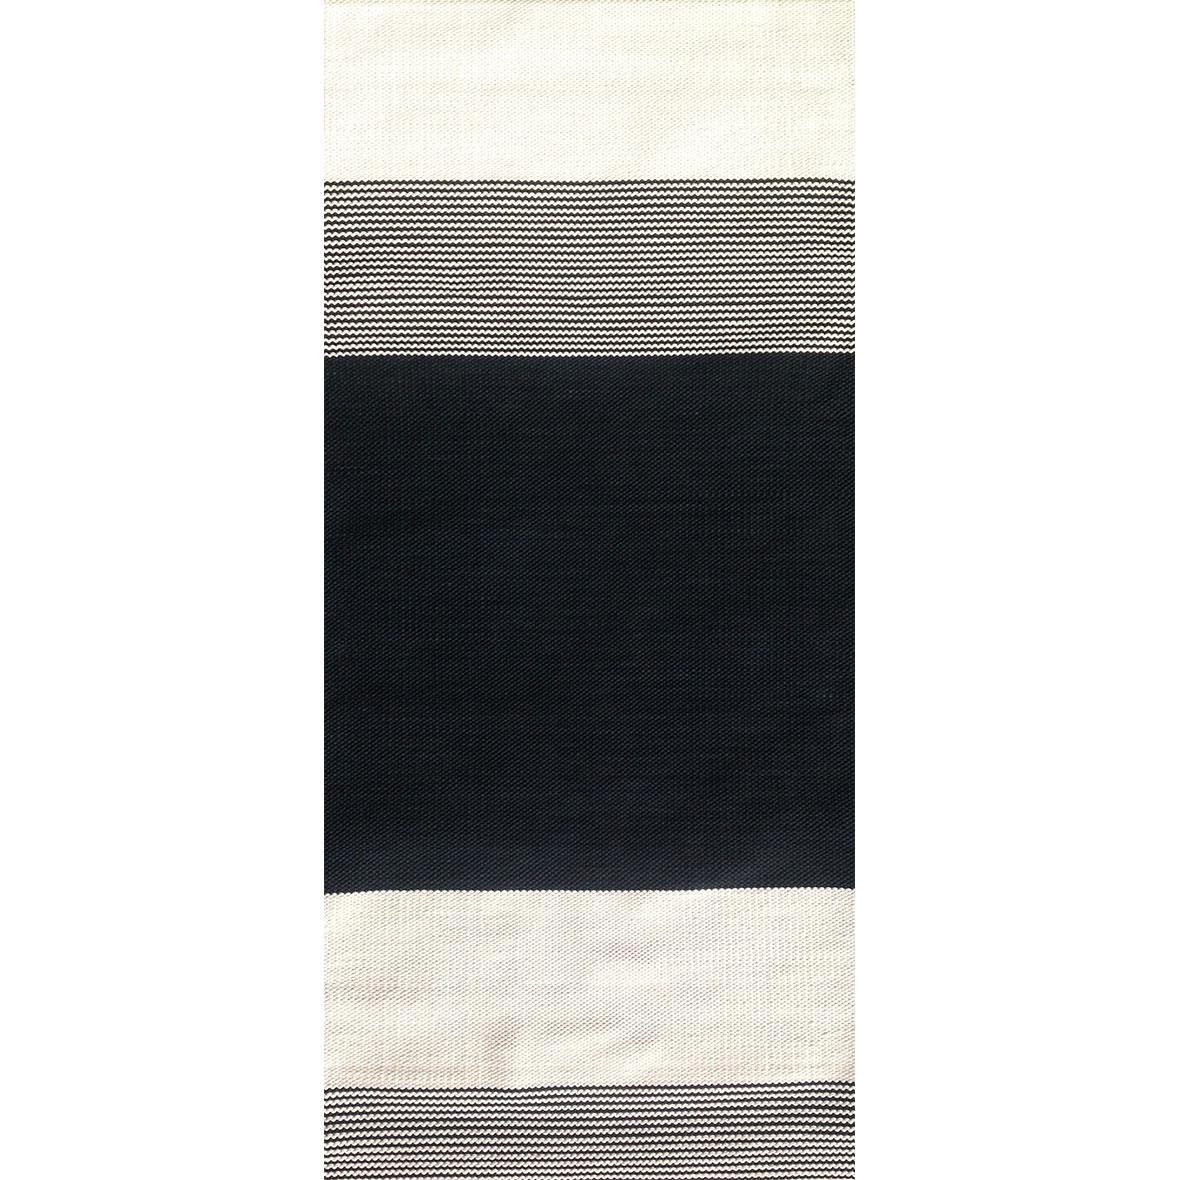 Teppich, handgeknüpft, Anna Saarinen, Arkki, schwarz-weiss